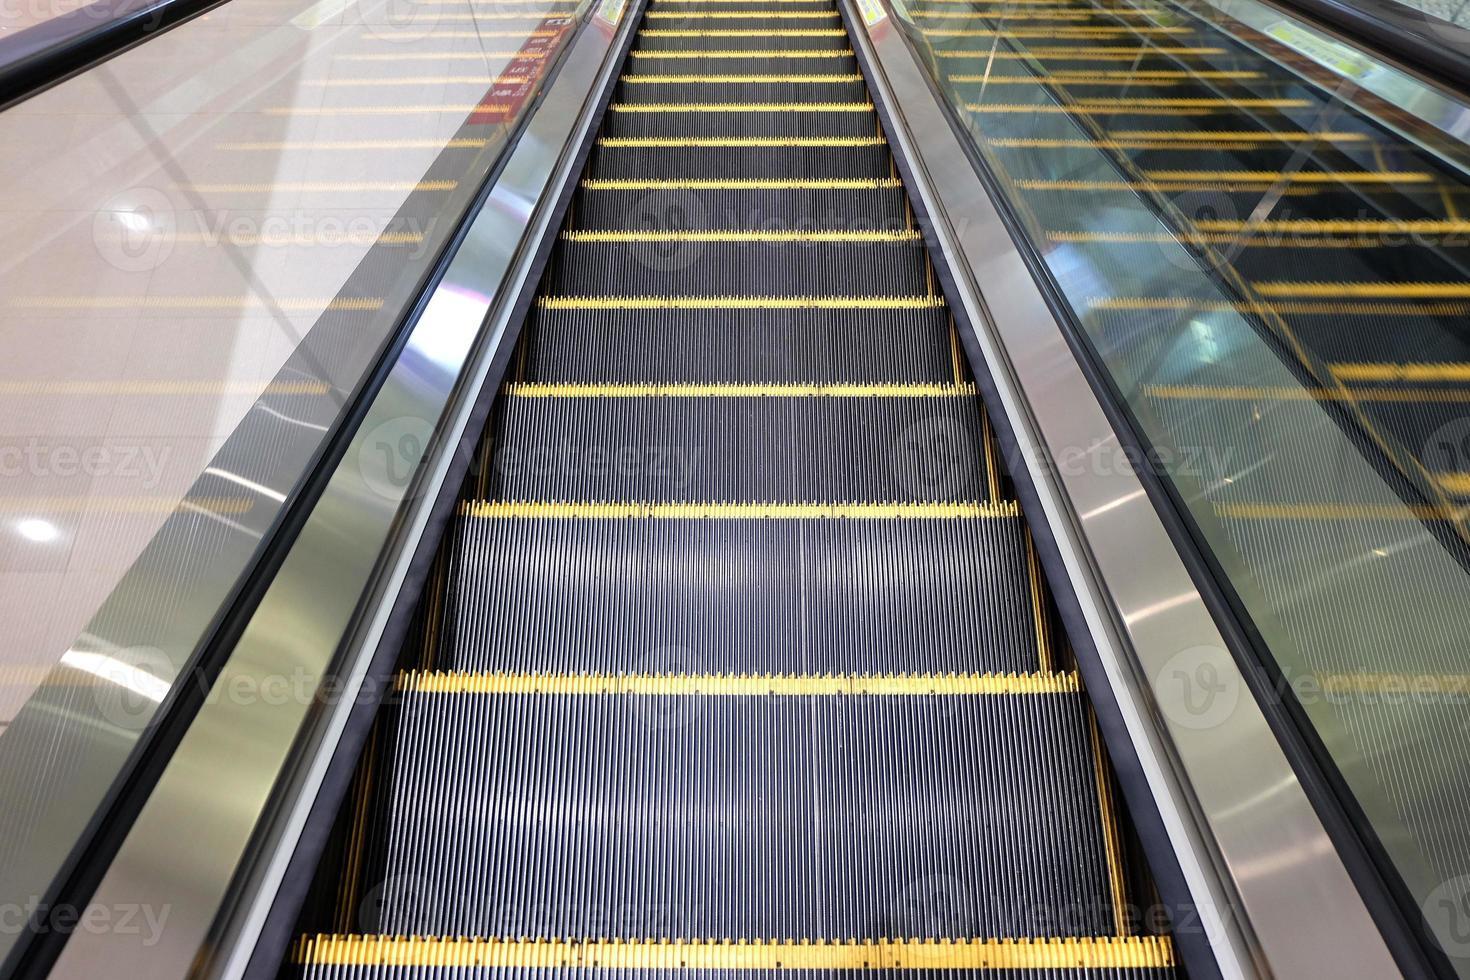 escaliers mécaniques de centre commercial photo